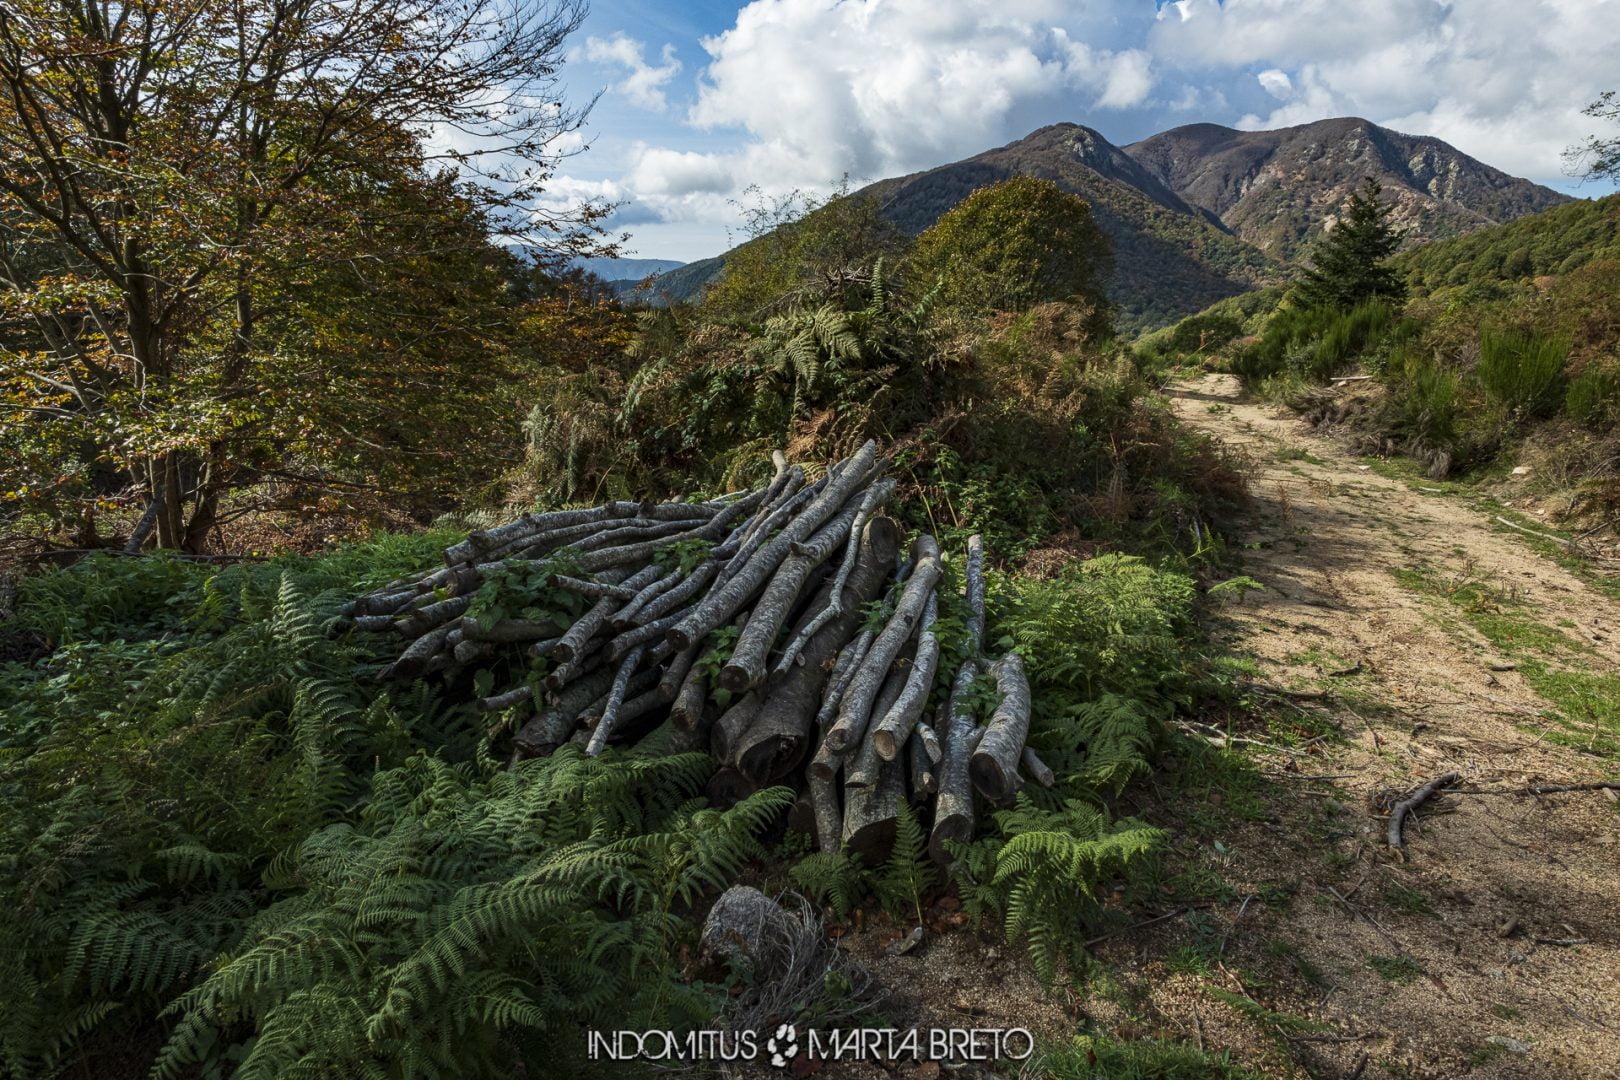 paisaje de montaña y bosque